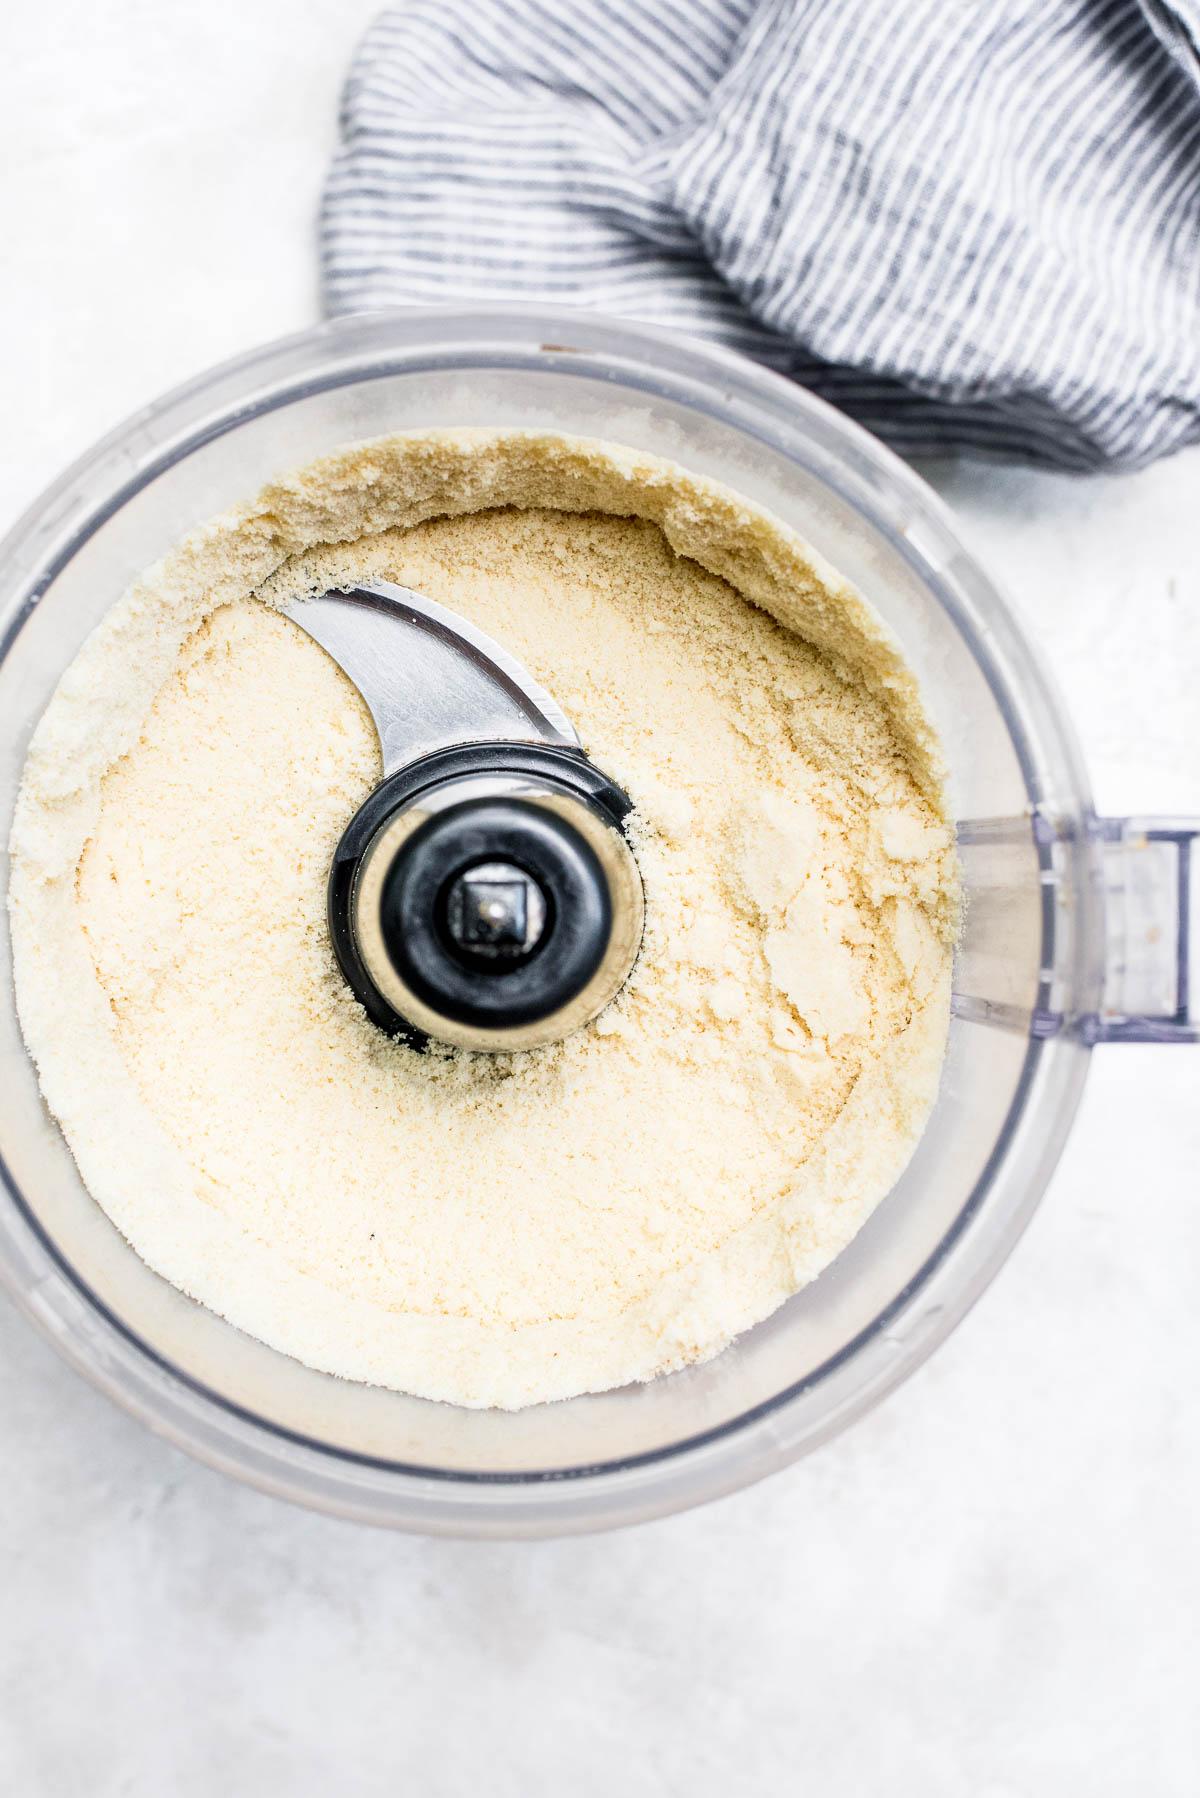 almond flour in food processor